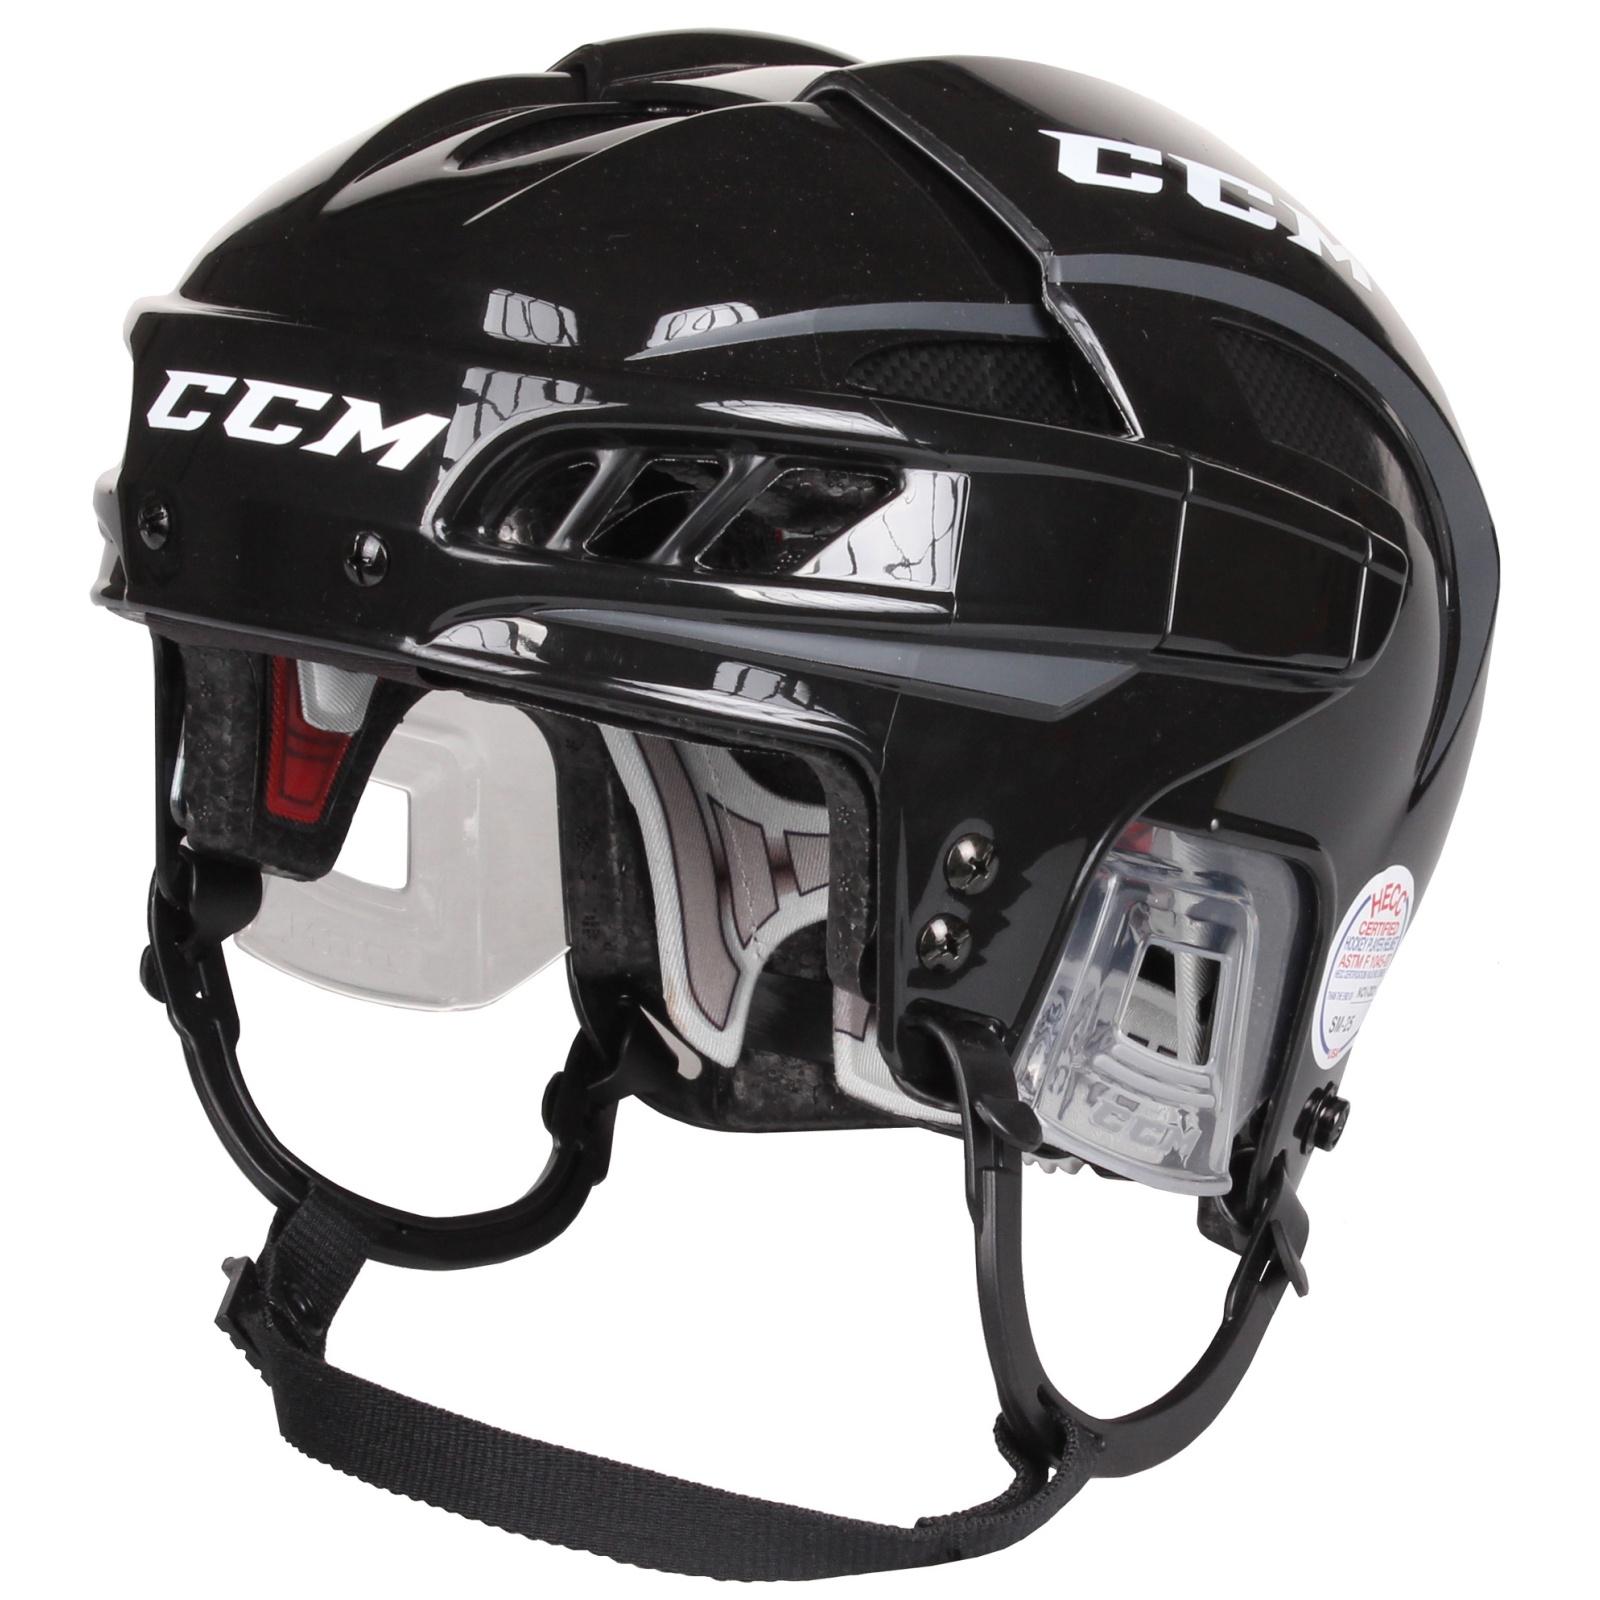 Hokejová helma CCM FitLite černá - vel. M